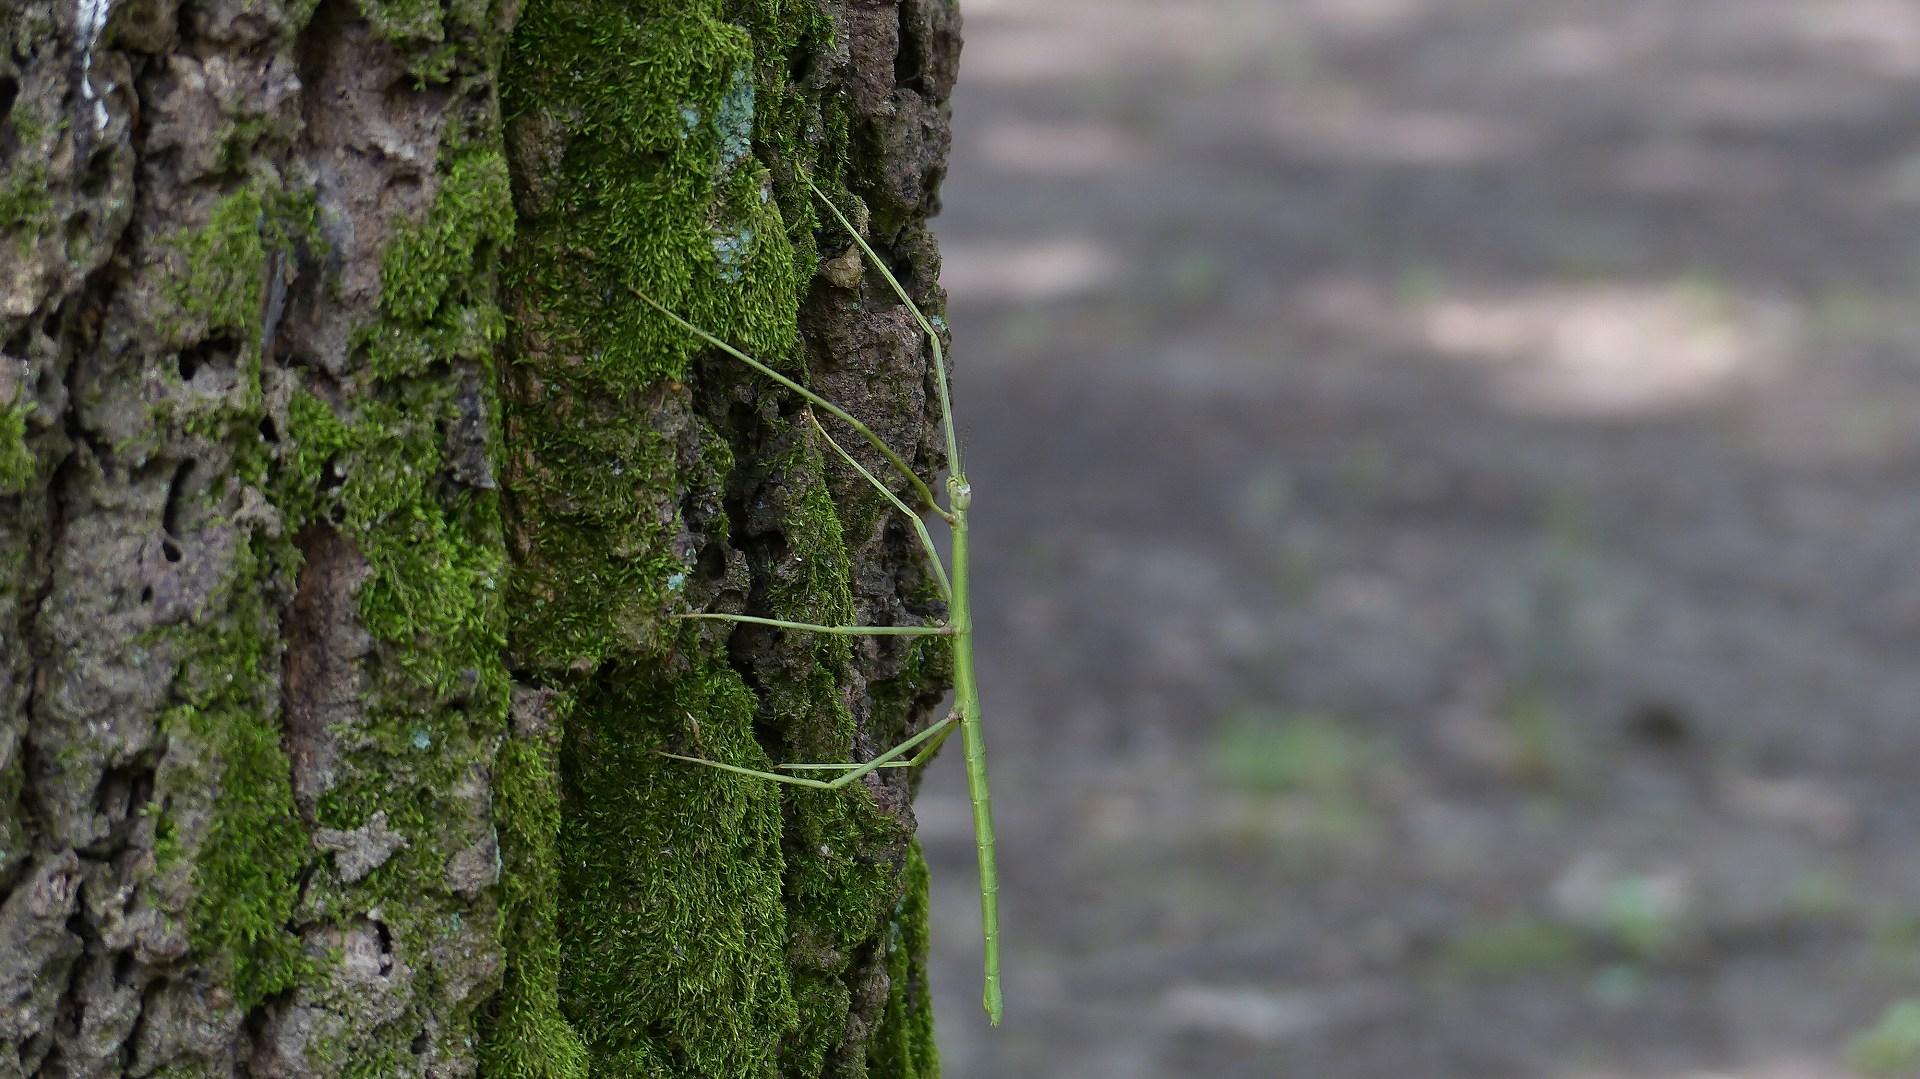 昆虫の森シリーズ ナナフシの七不思議_a0185081_1245866.jpg